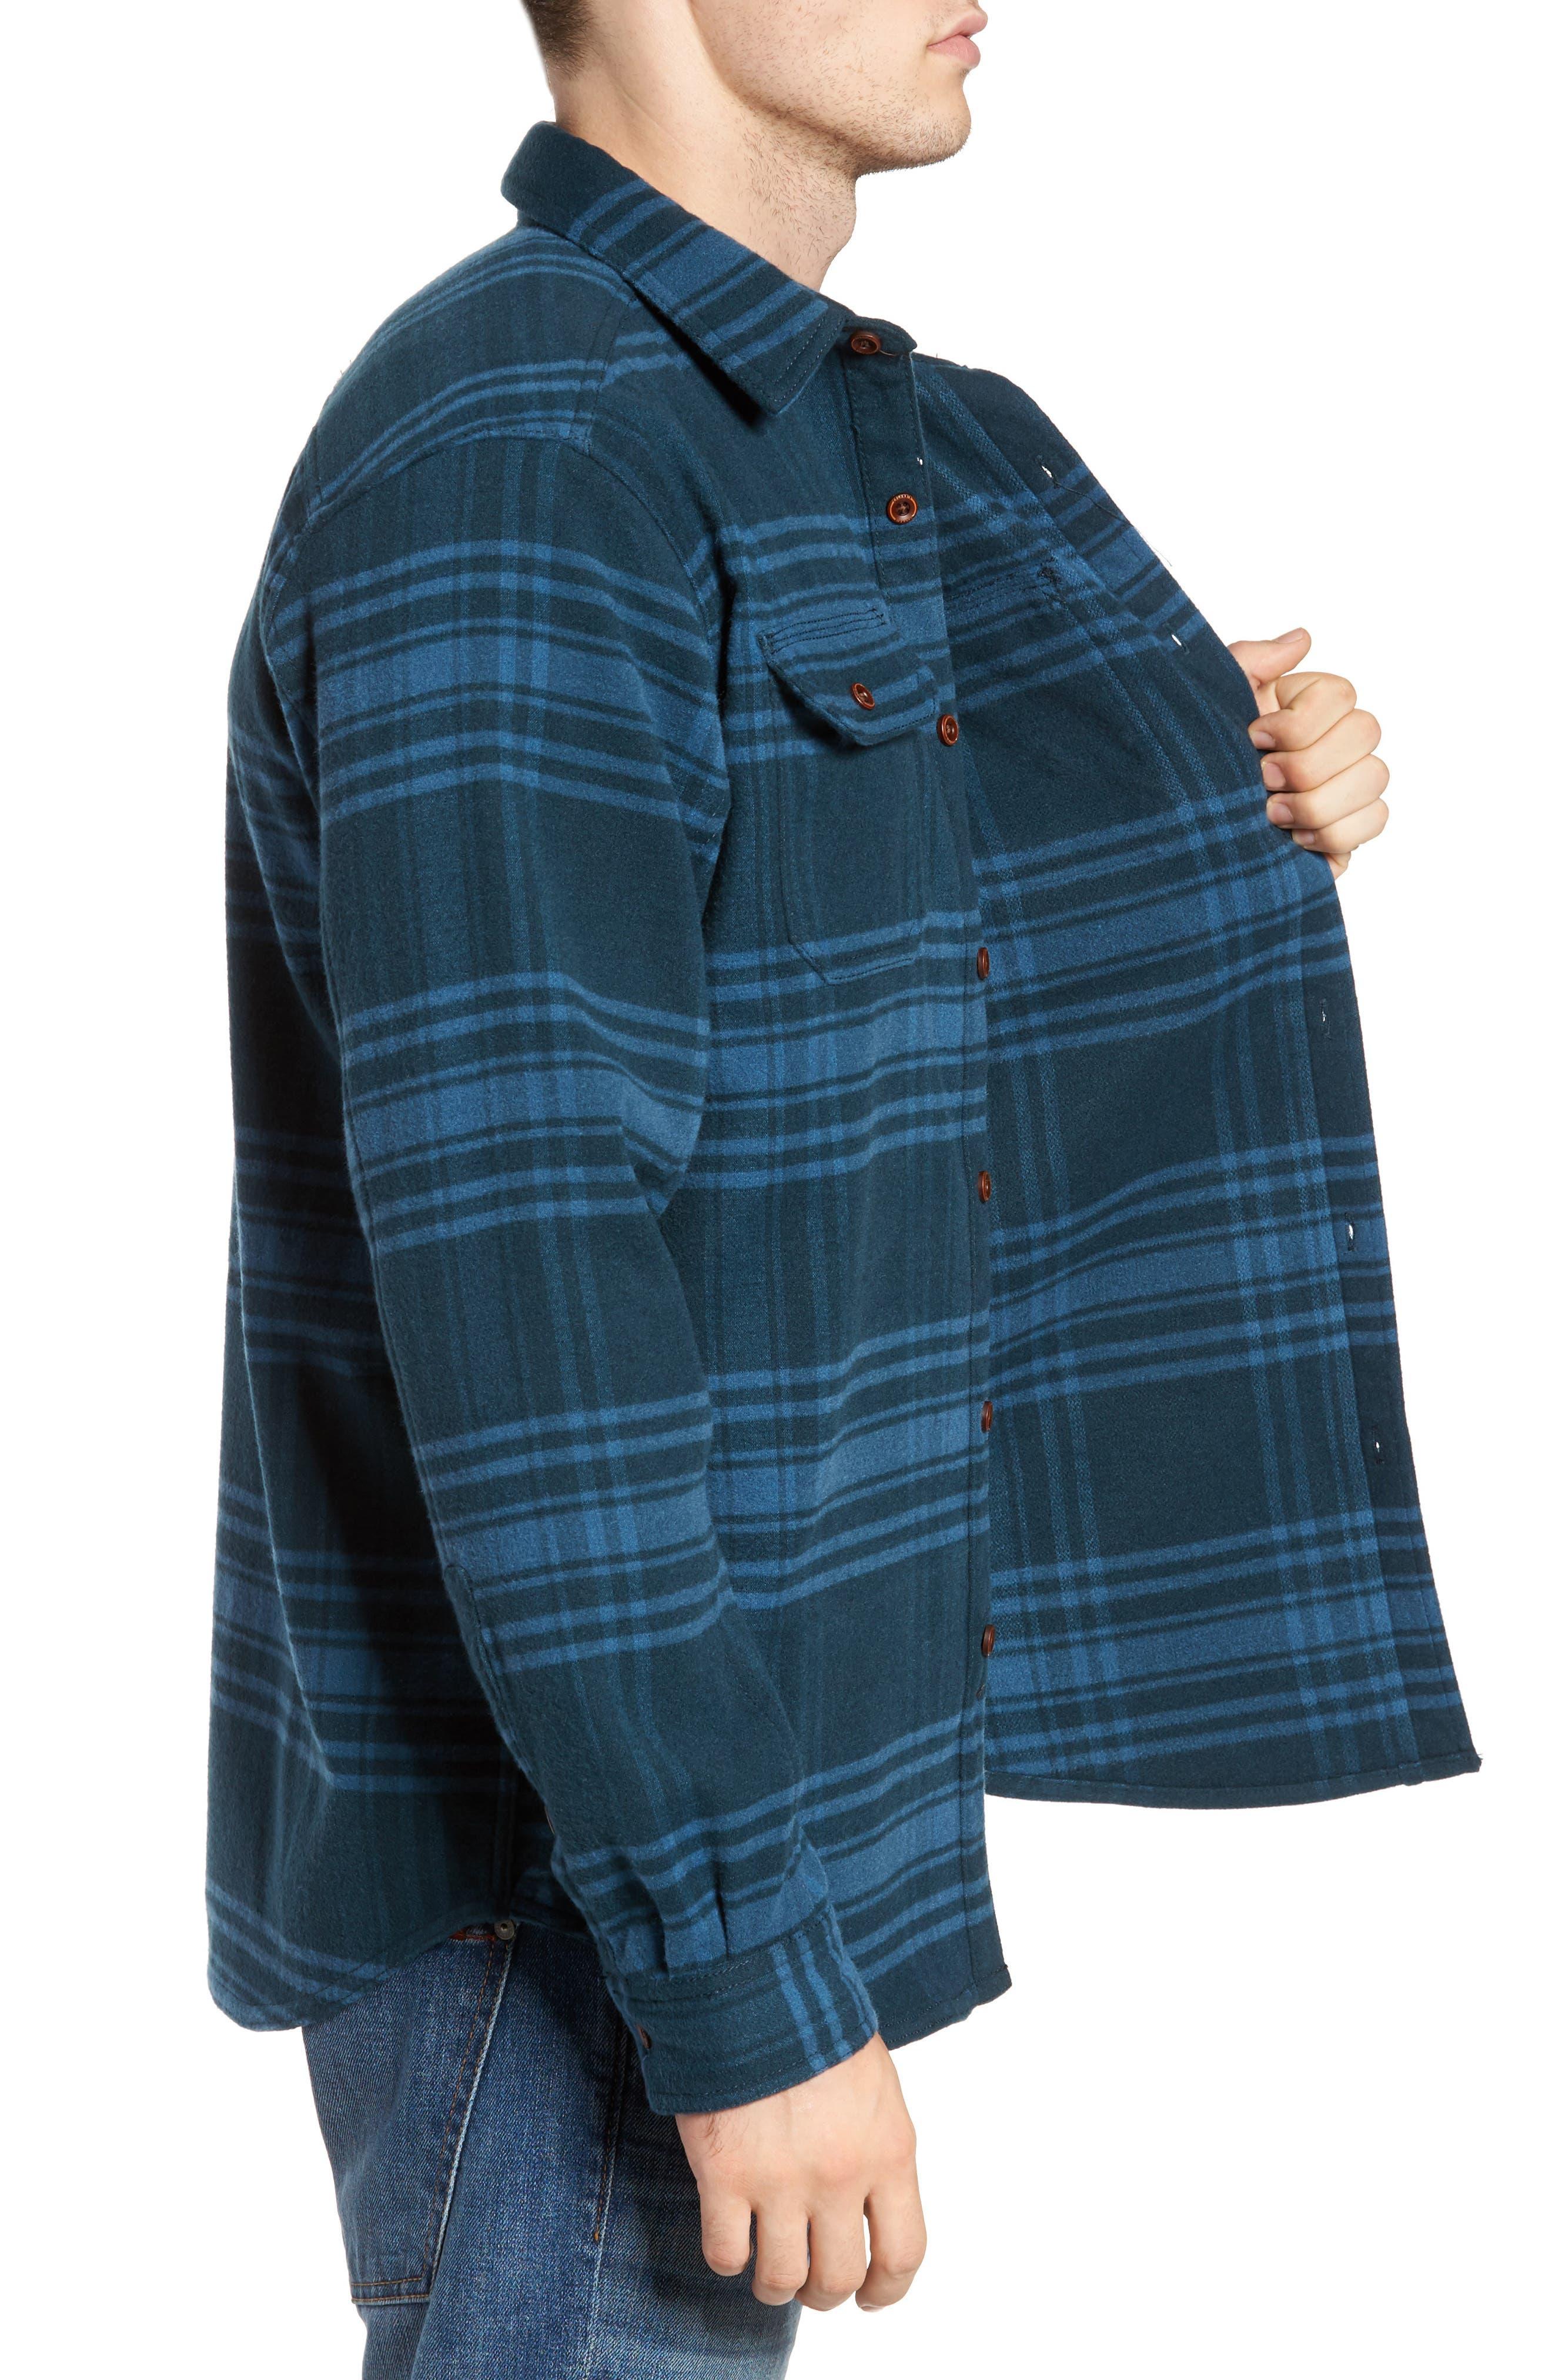 Alternate Image 3  - Columbia Deschutes River™ Heavyweight Flannel Shirt Jacket